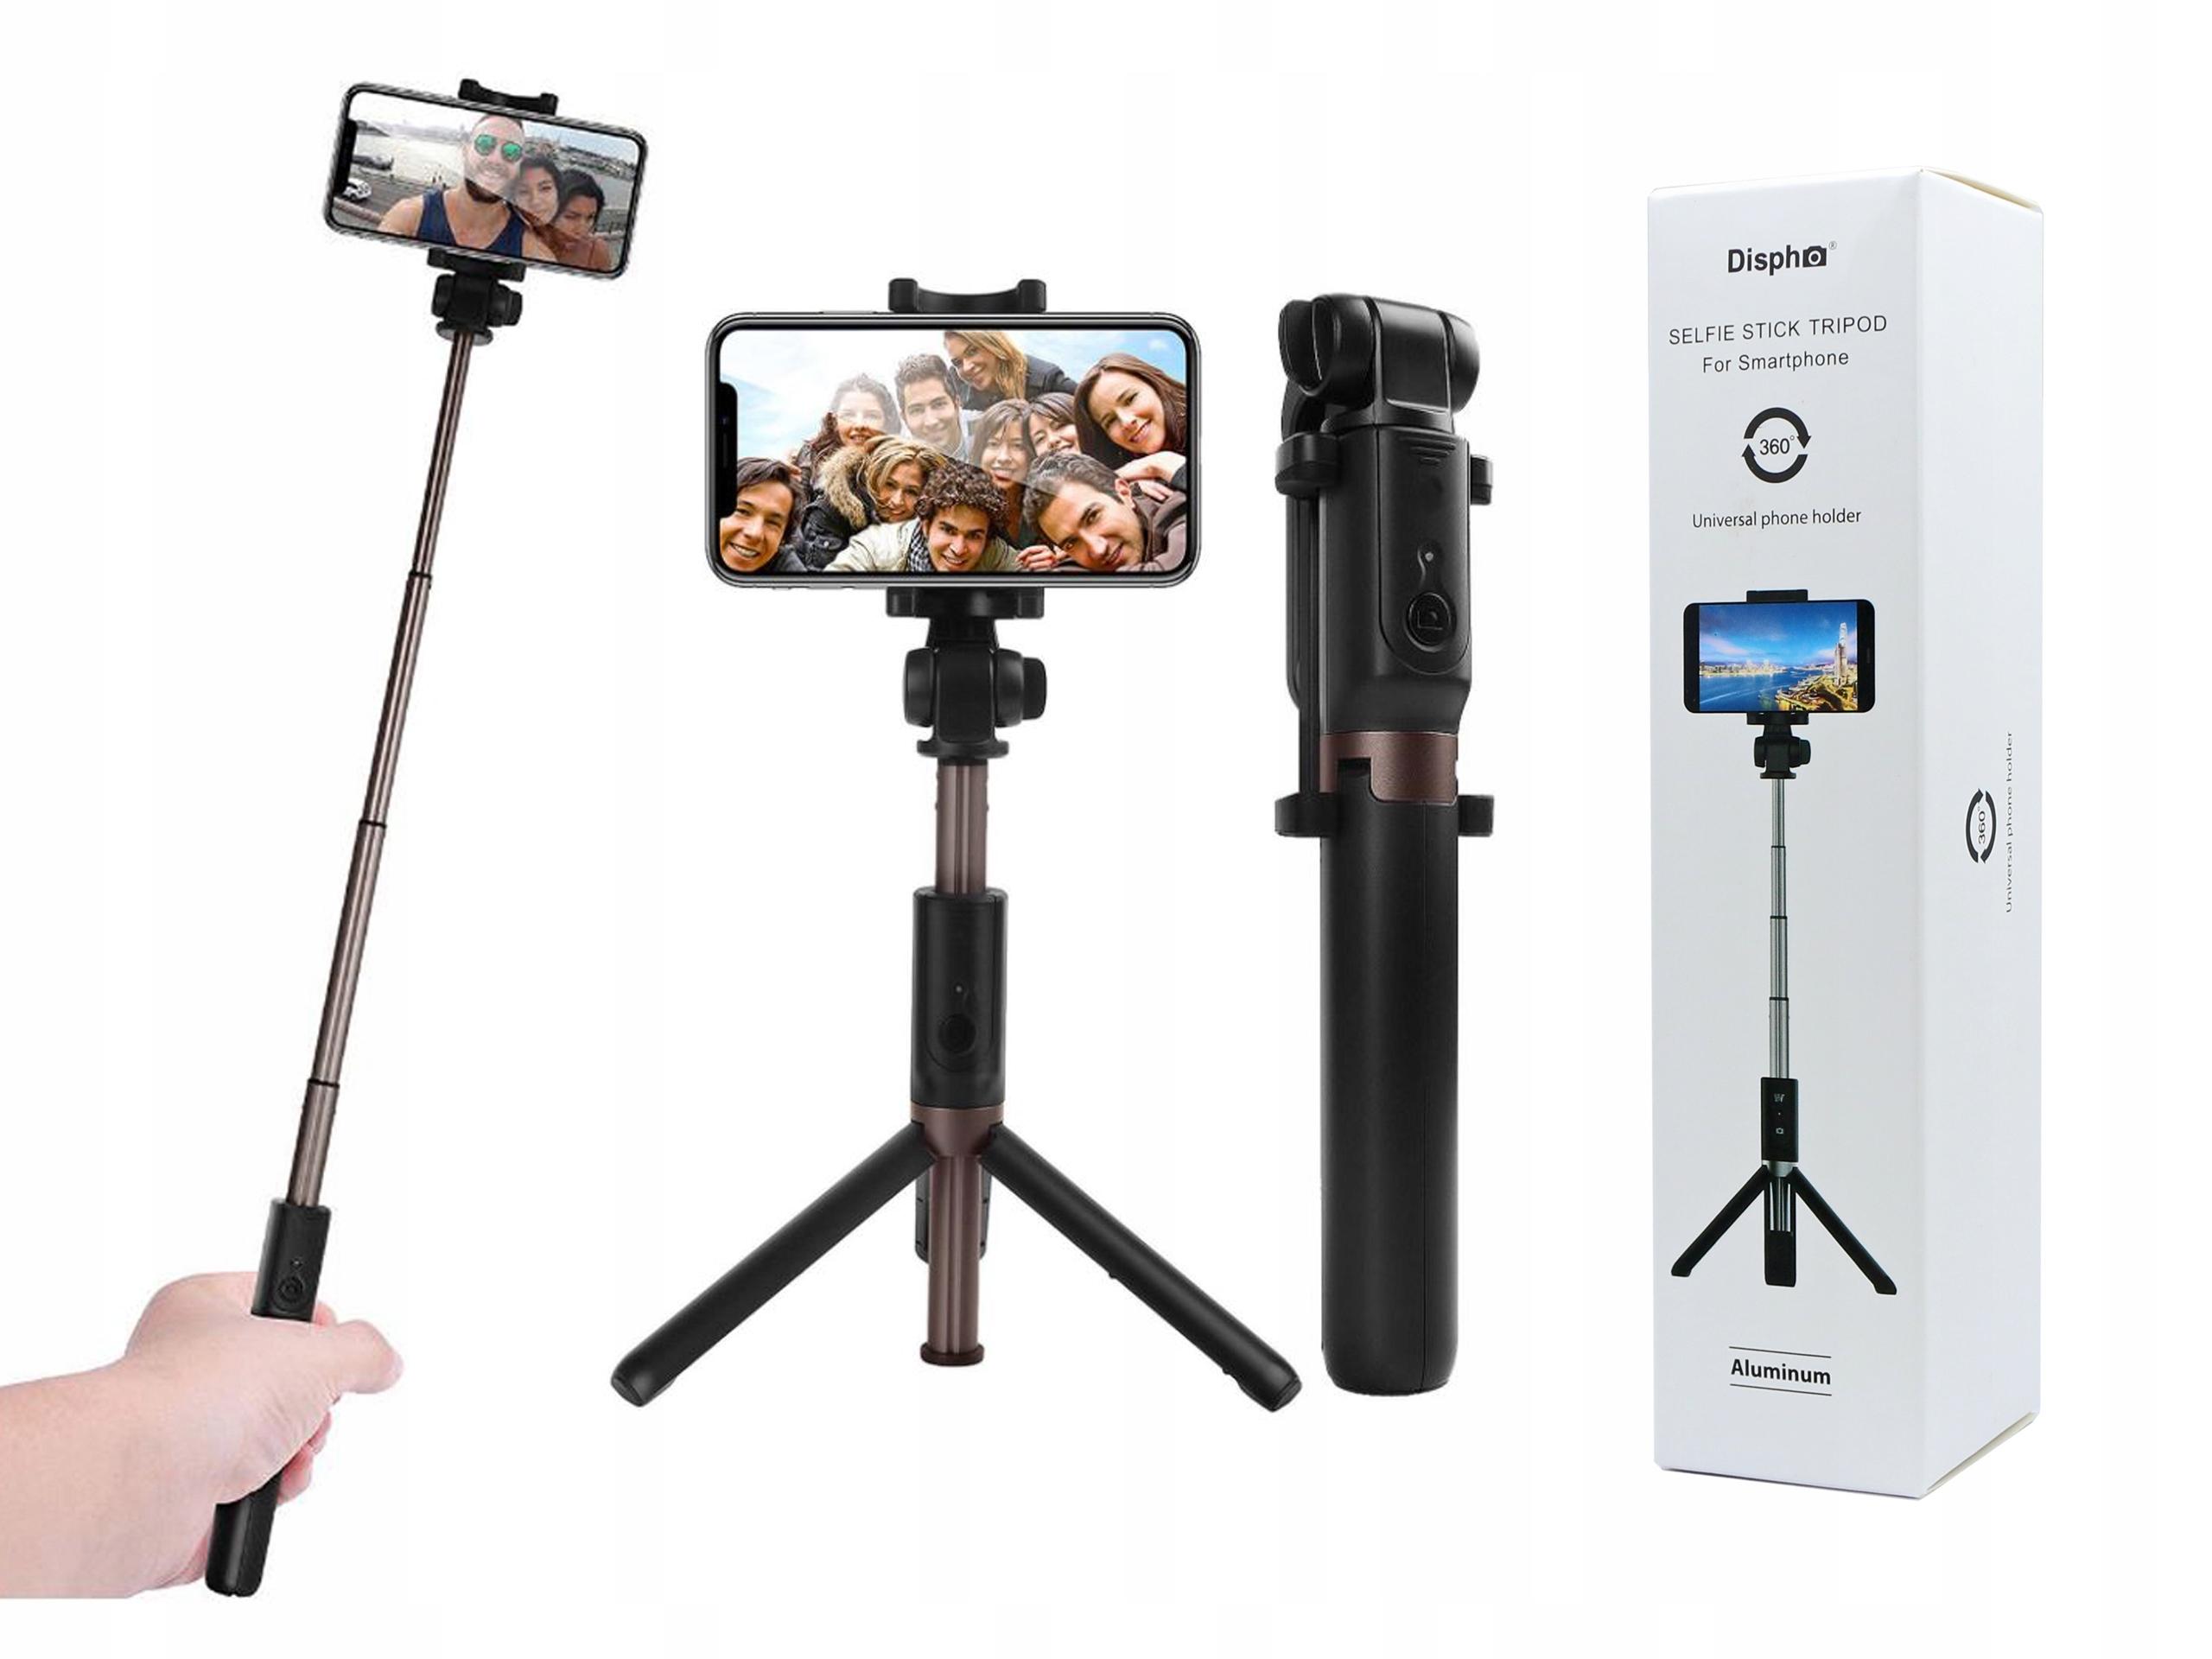 Selfie Stick Statyw Dispho Uchwyt Tripod Bluetooth 7450124716 Sklep Internetowy Agd Rtv Telefony Laptopy Allegro Pl